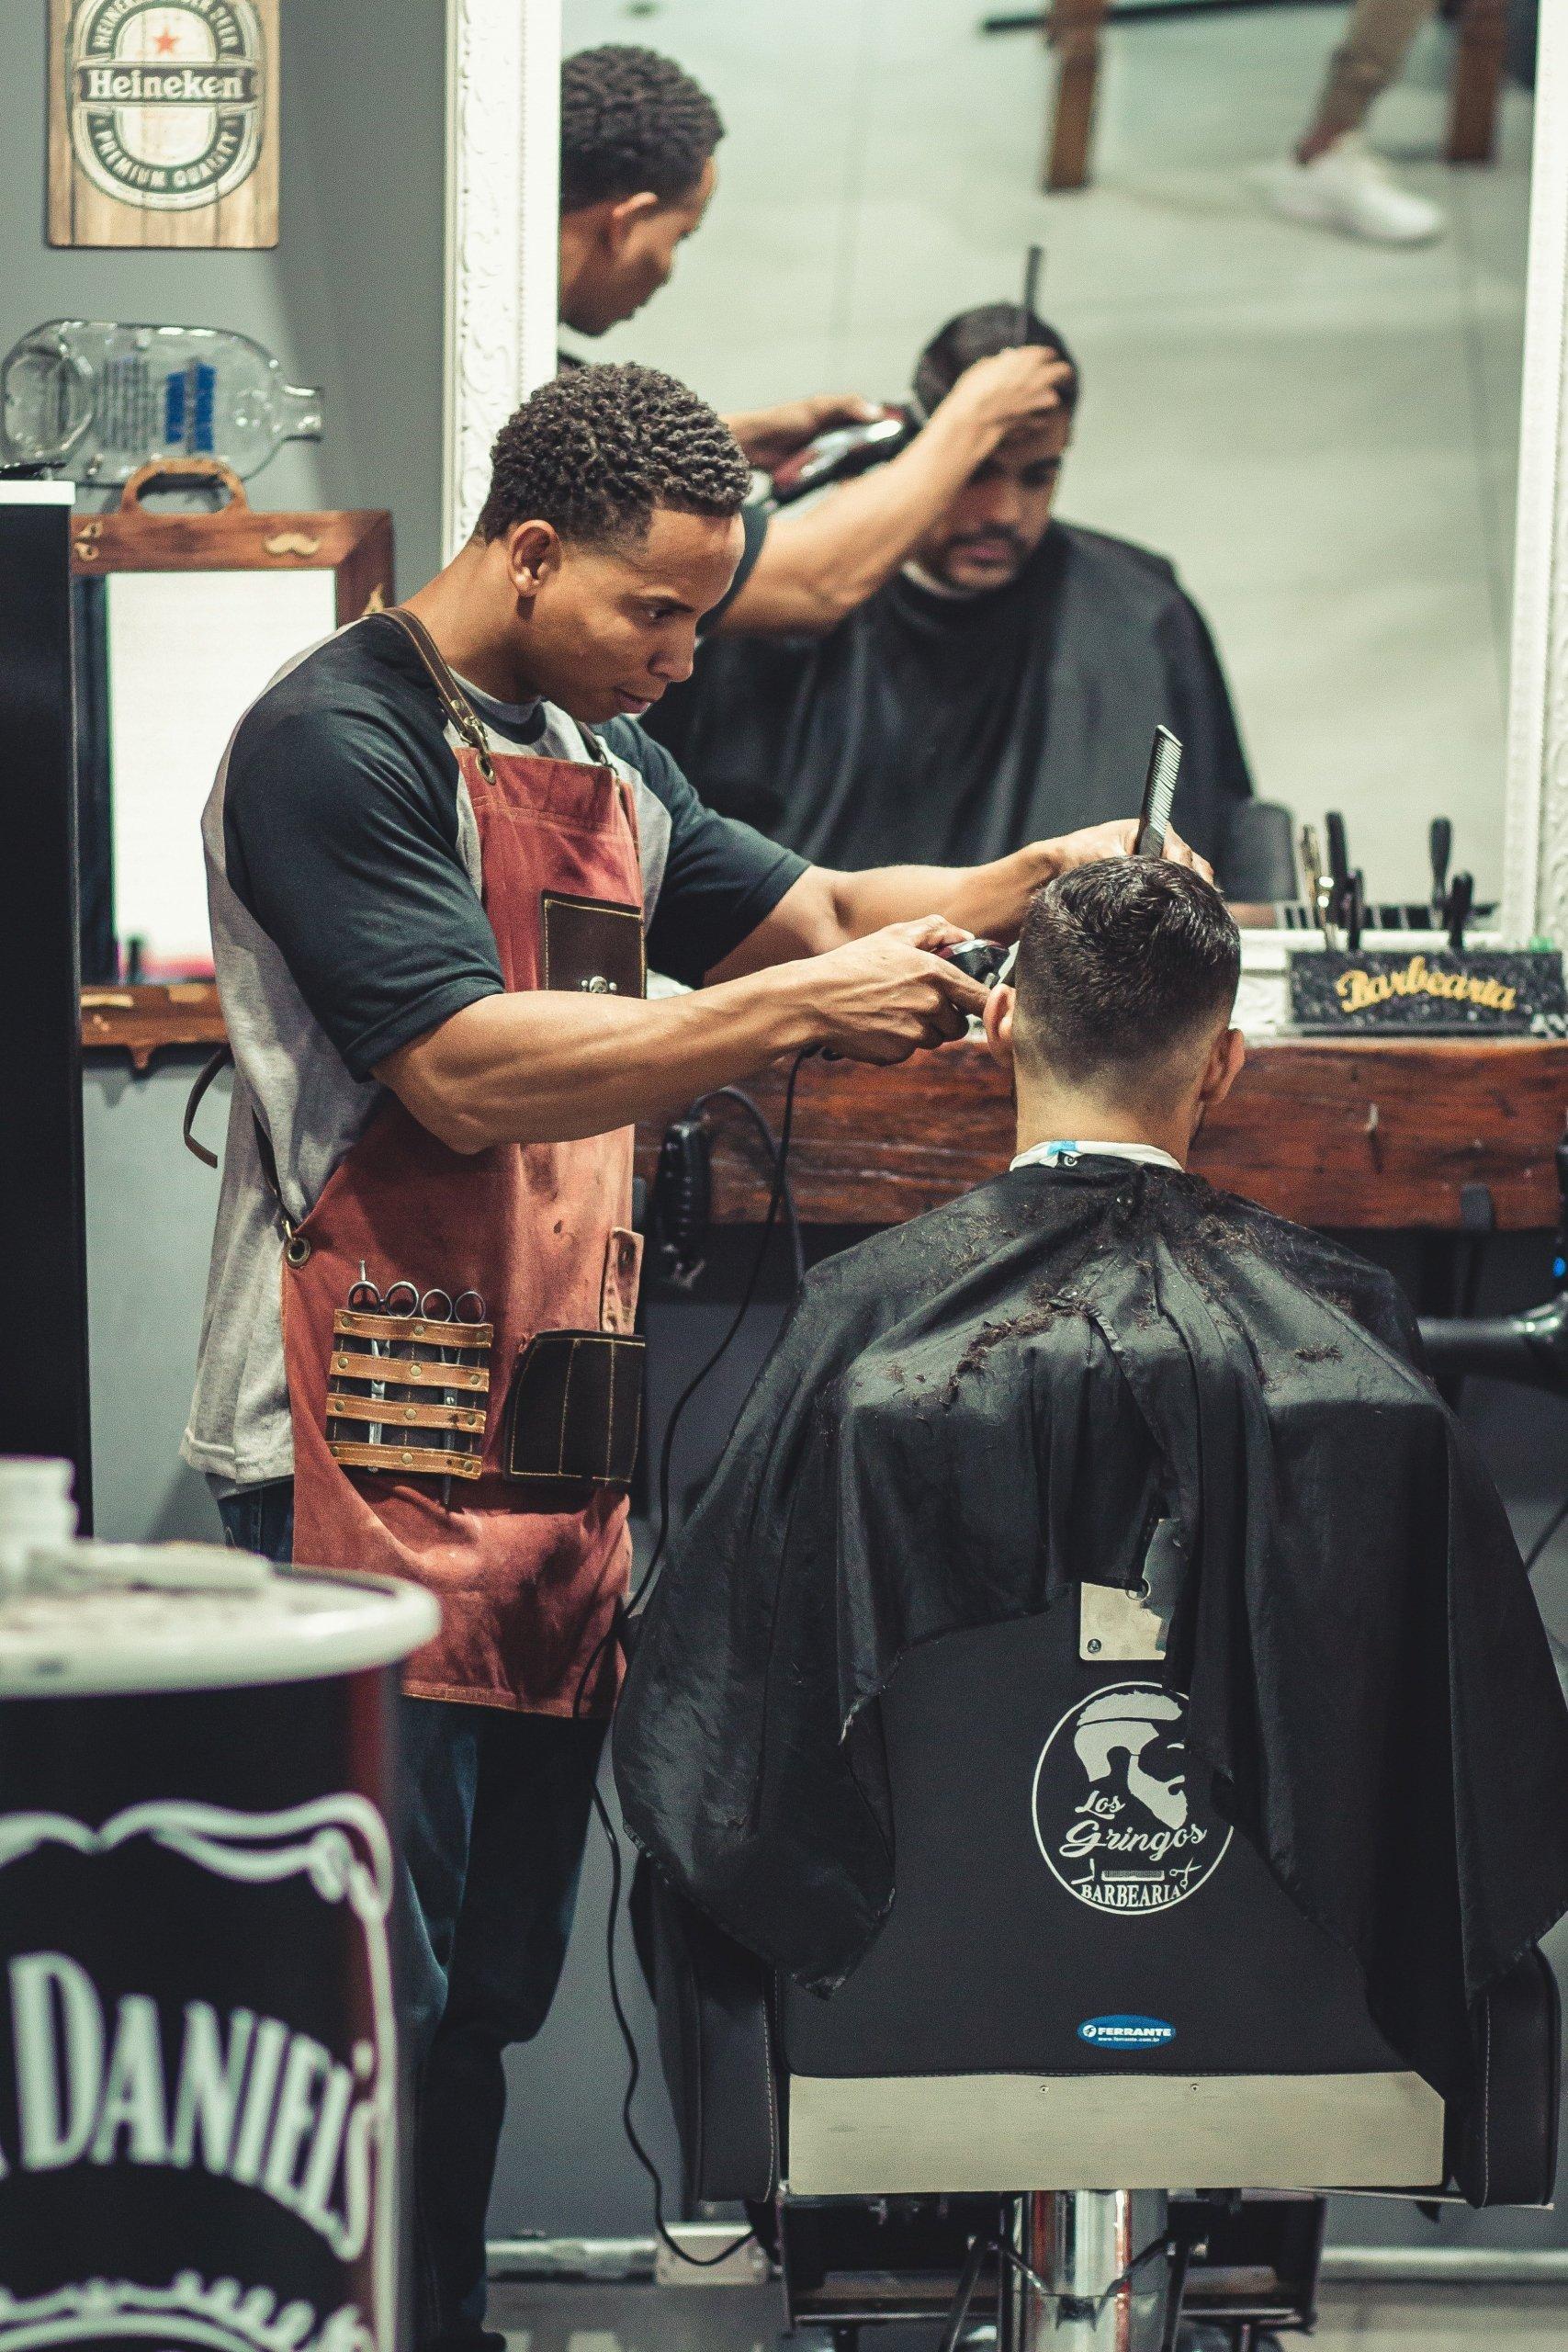 Salone Parrucchieri, Taglio capelli Facile